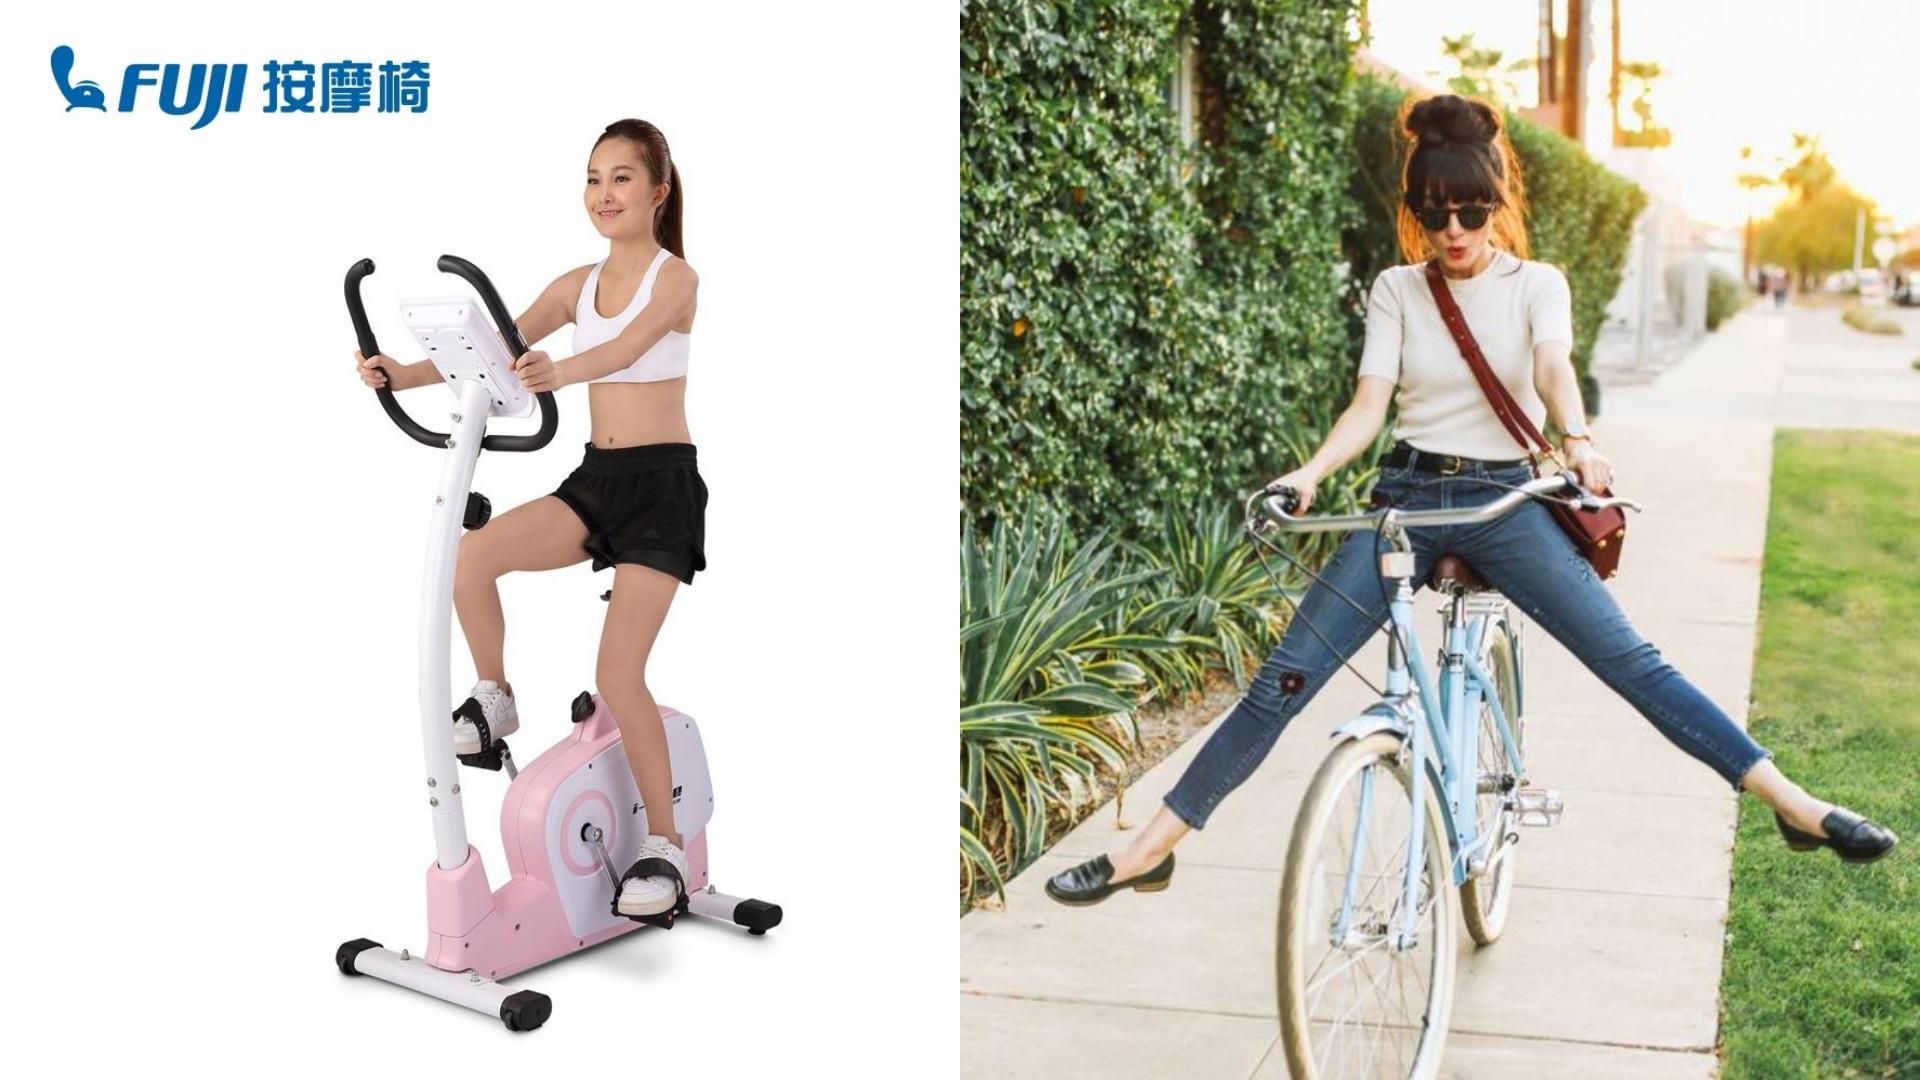 由FUJI按摩椅所推出的室內健身車當然會搭配人體工學座椅,可以自行調整到最舒服的角度,握把能夠檢測心跳,更重要的是粉紅色和蘋果綠擺在家裡超可愛!